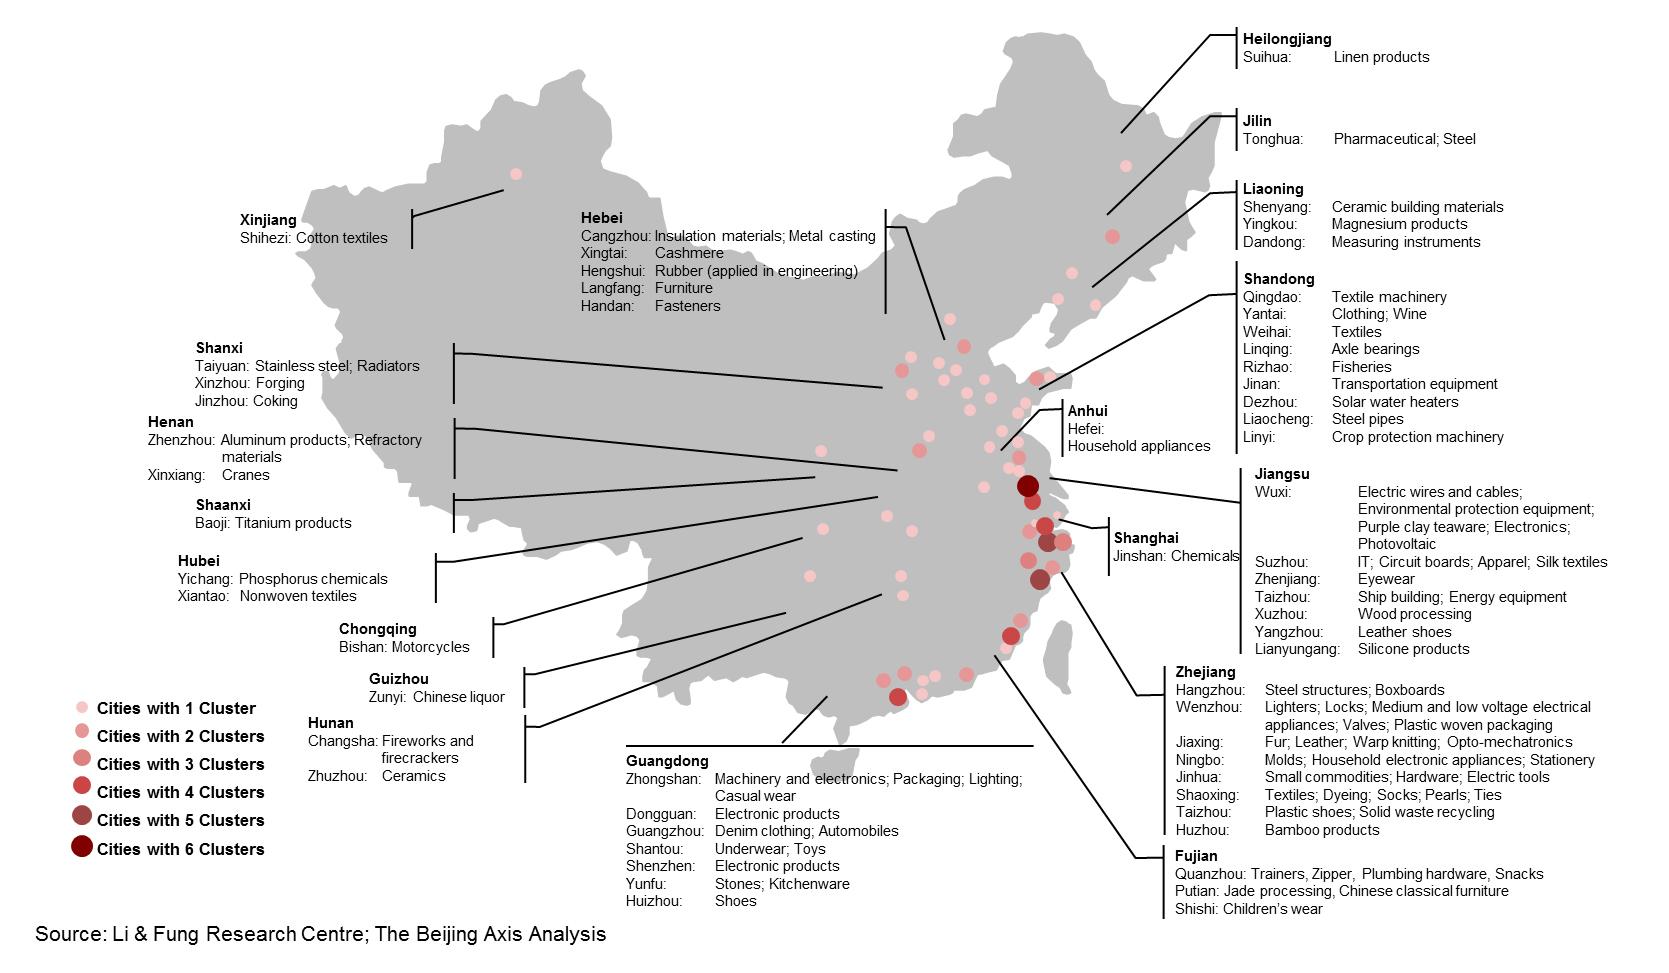 中国产业集群分布